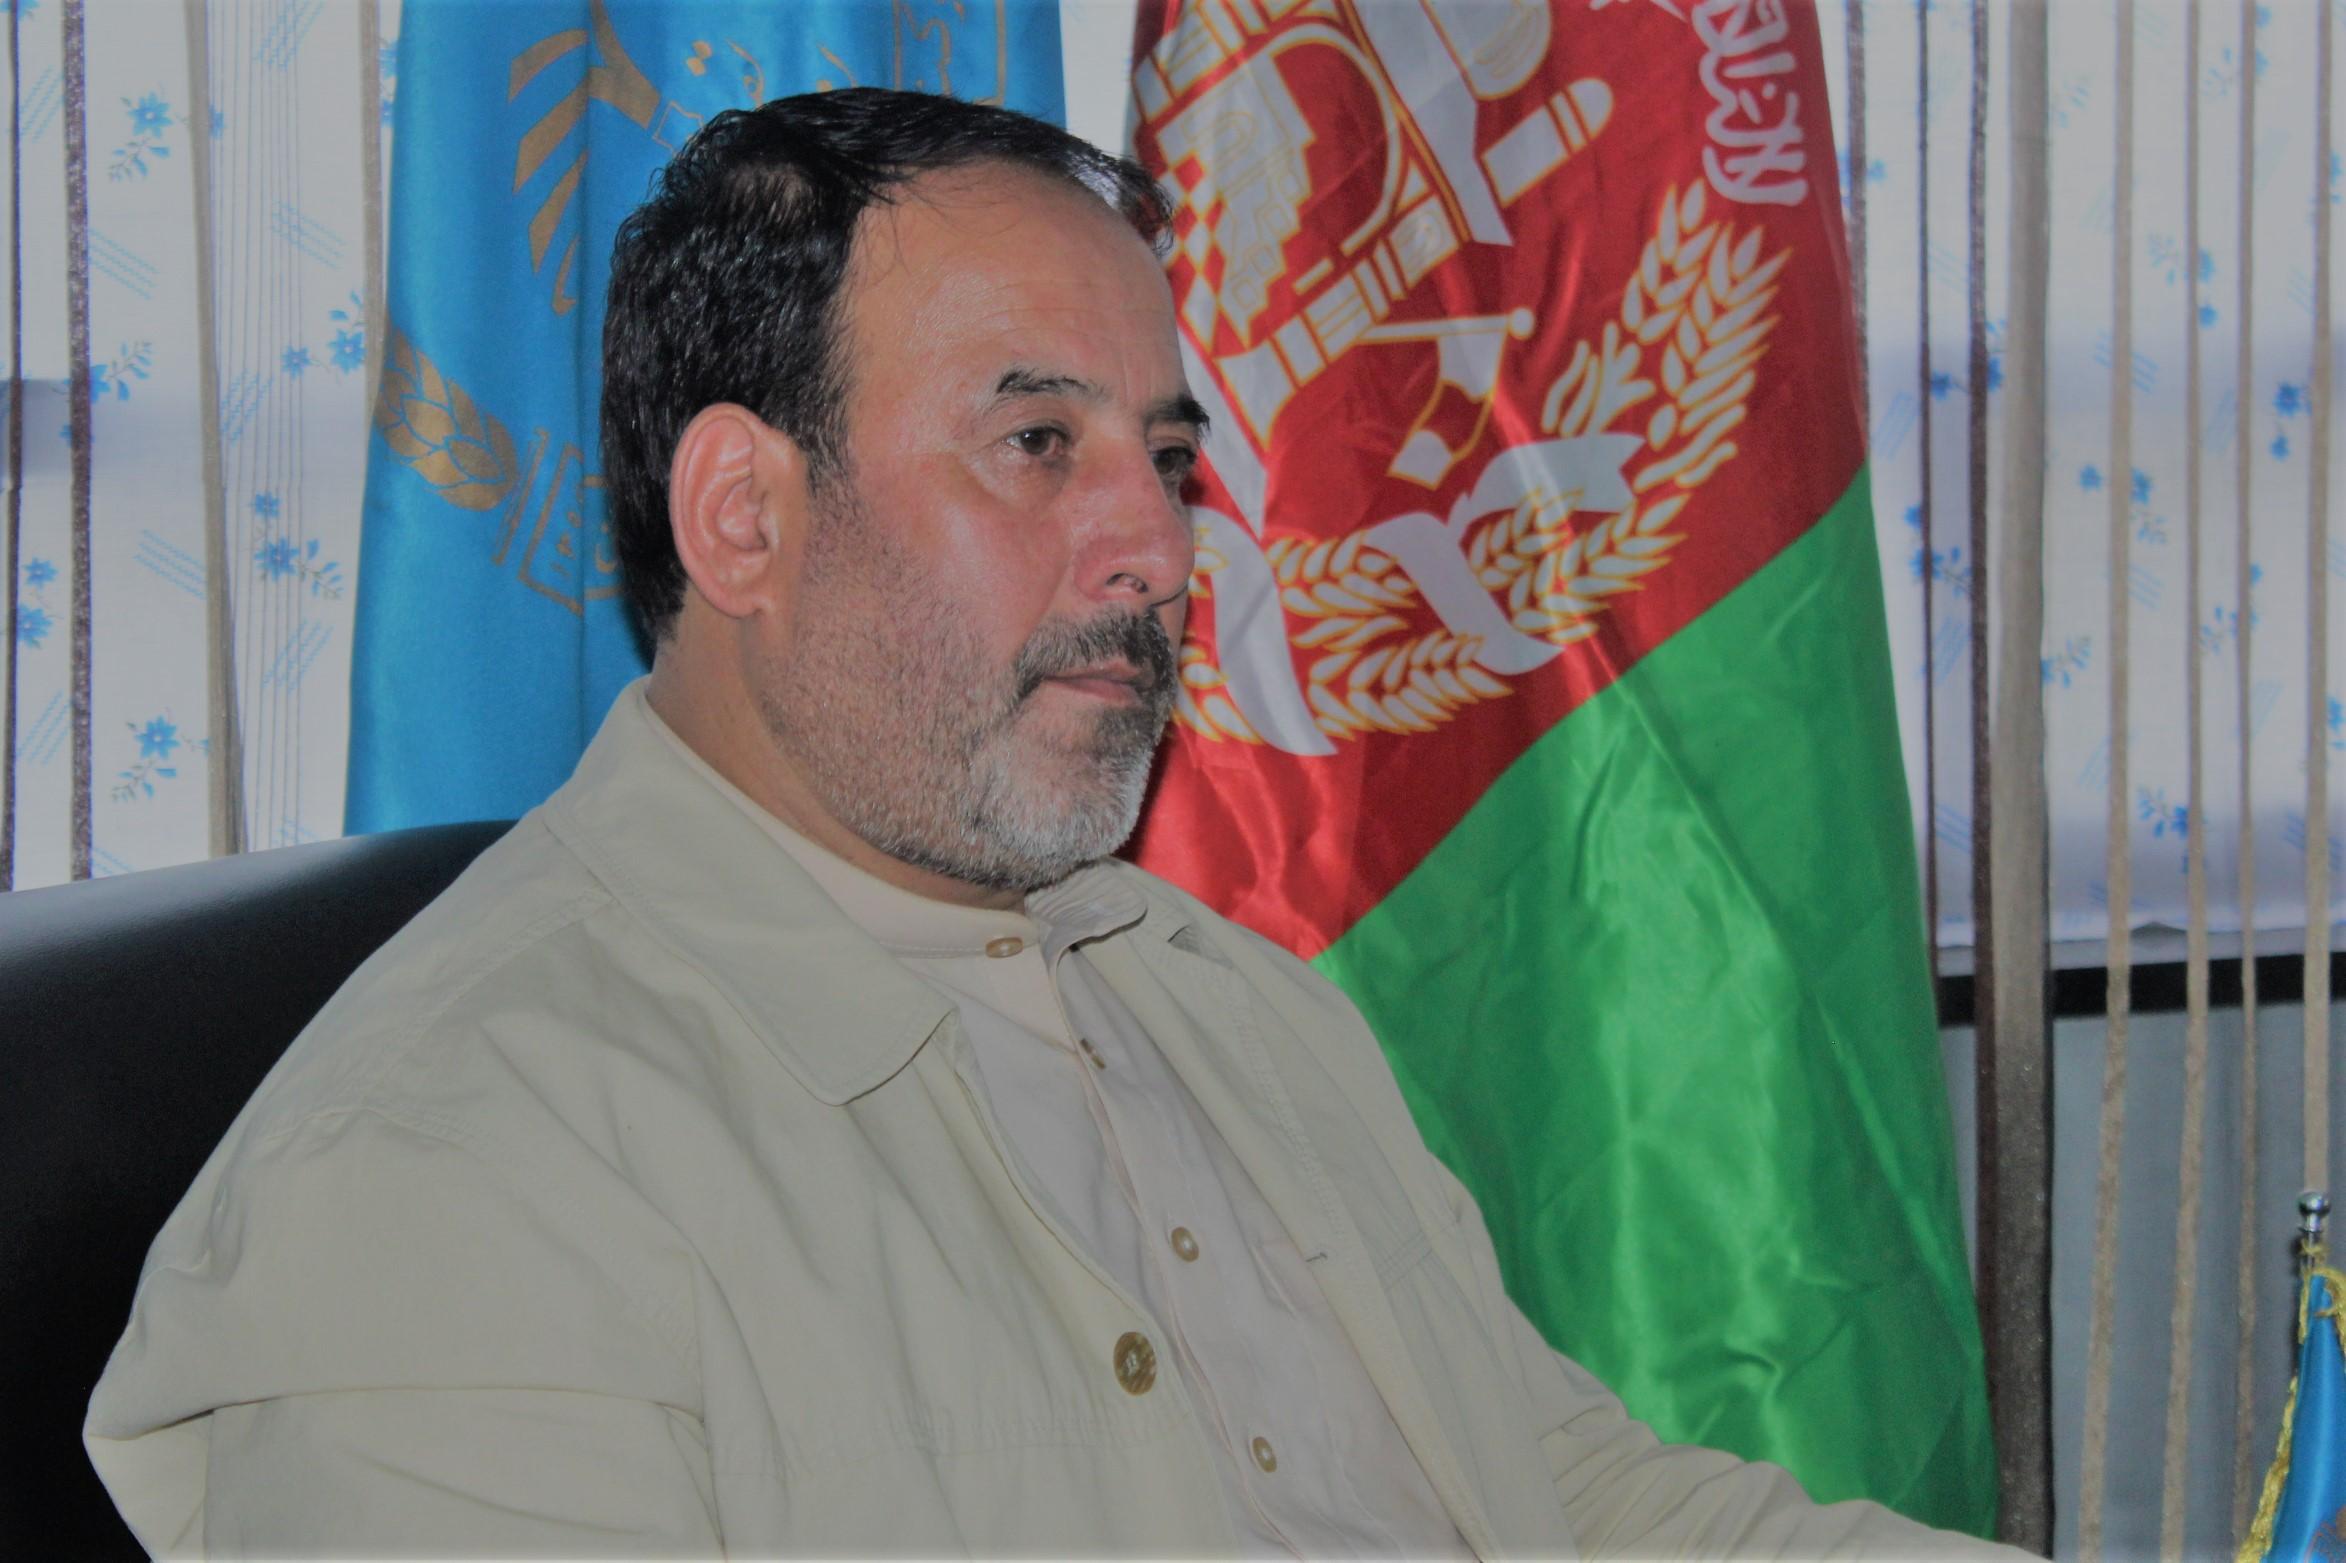 تصویر از پیام تبریکی حزب حرکت اسلامی متحد افغانستان به مناسبت پیروزی تیم دولت ساز در انتخابات ریاست جمهوری.